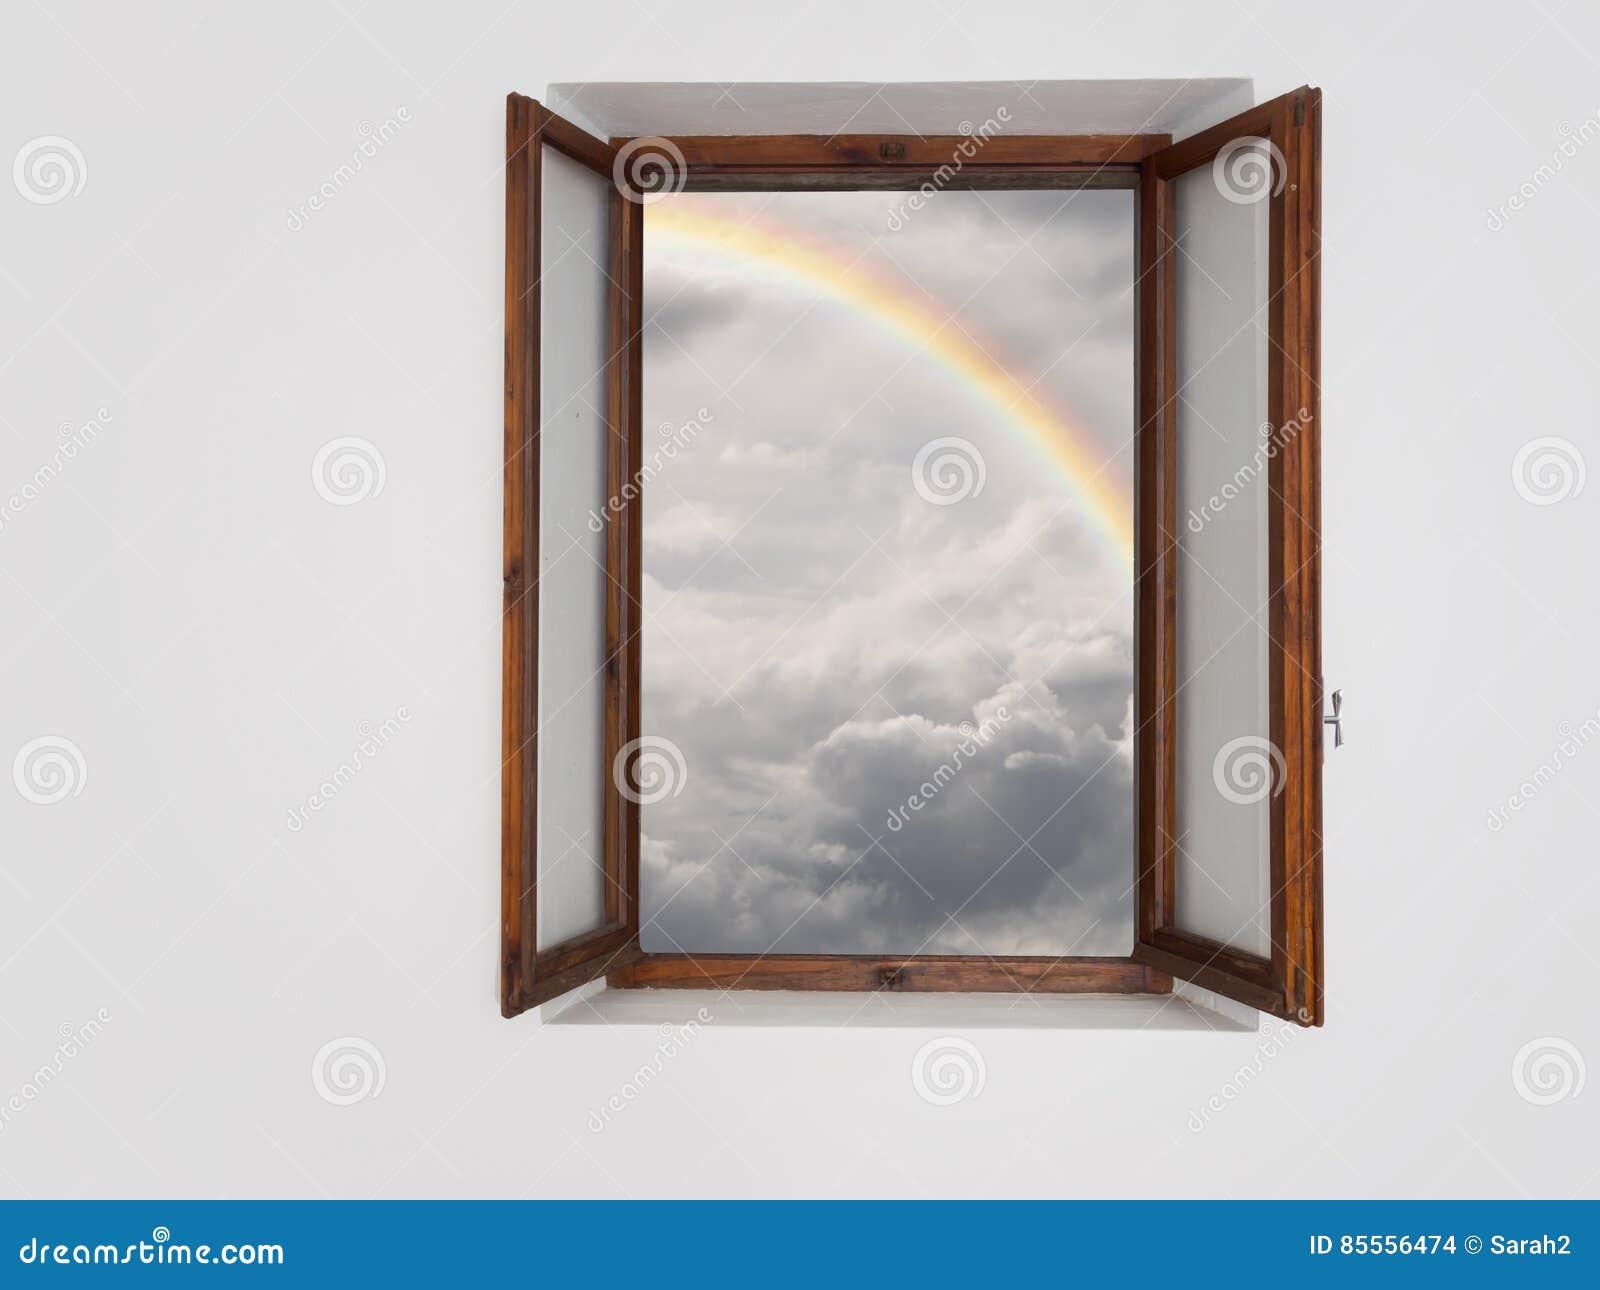 Bessere Zeiten voran, Konzept Fenster auf verbessertem Wetter